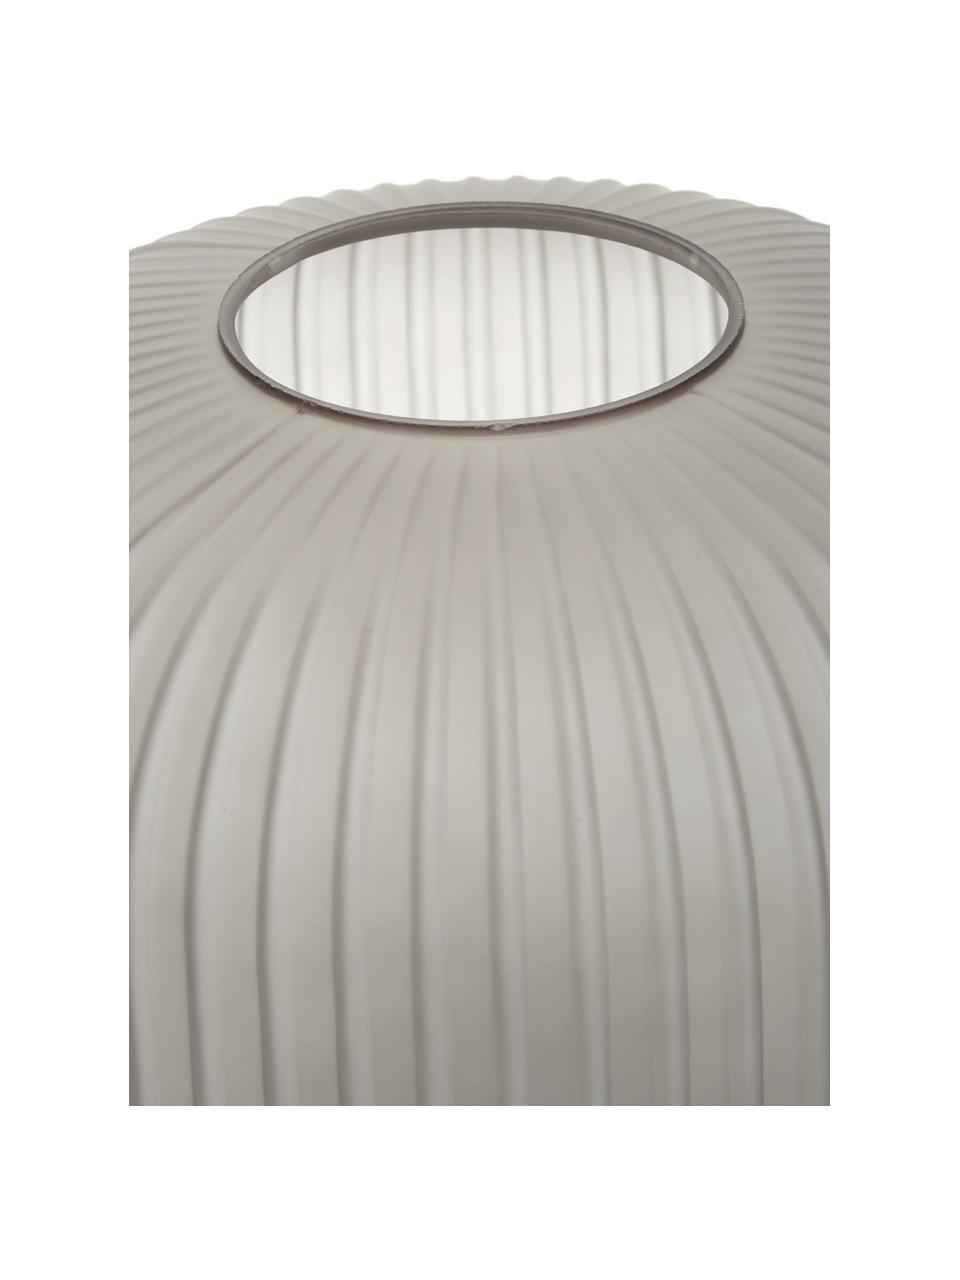 Lampada da tavolo con paralume in vetro Sober, Paralume: vetro, Base della lampada: metallo spazzolato, Grigio ottonato, Ø 25 x Alt. 50 cm